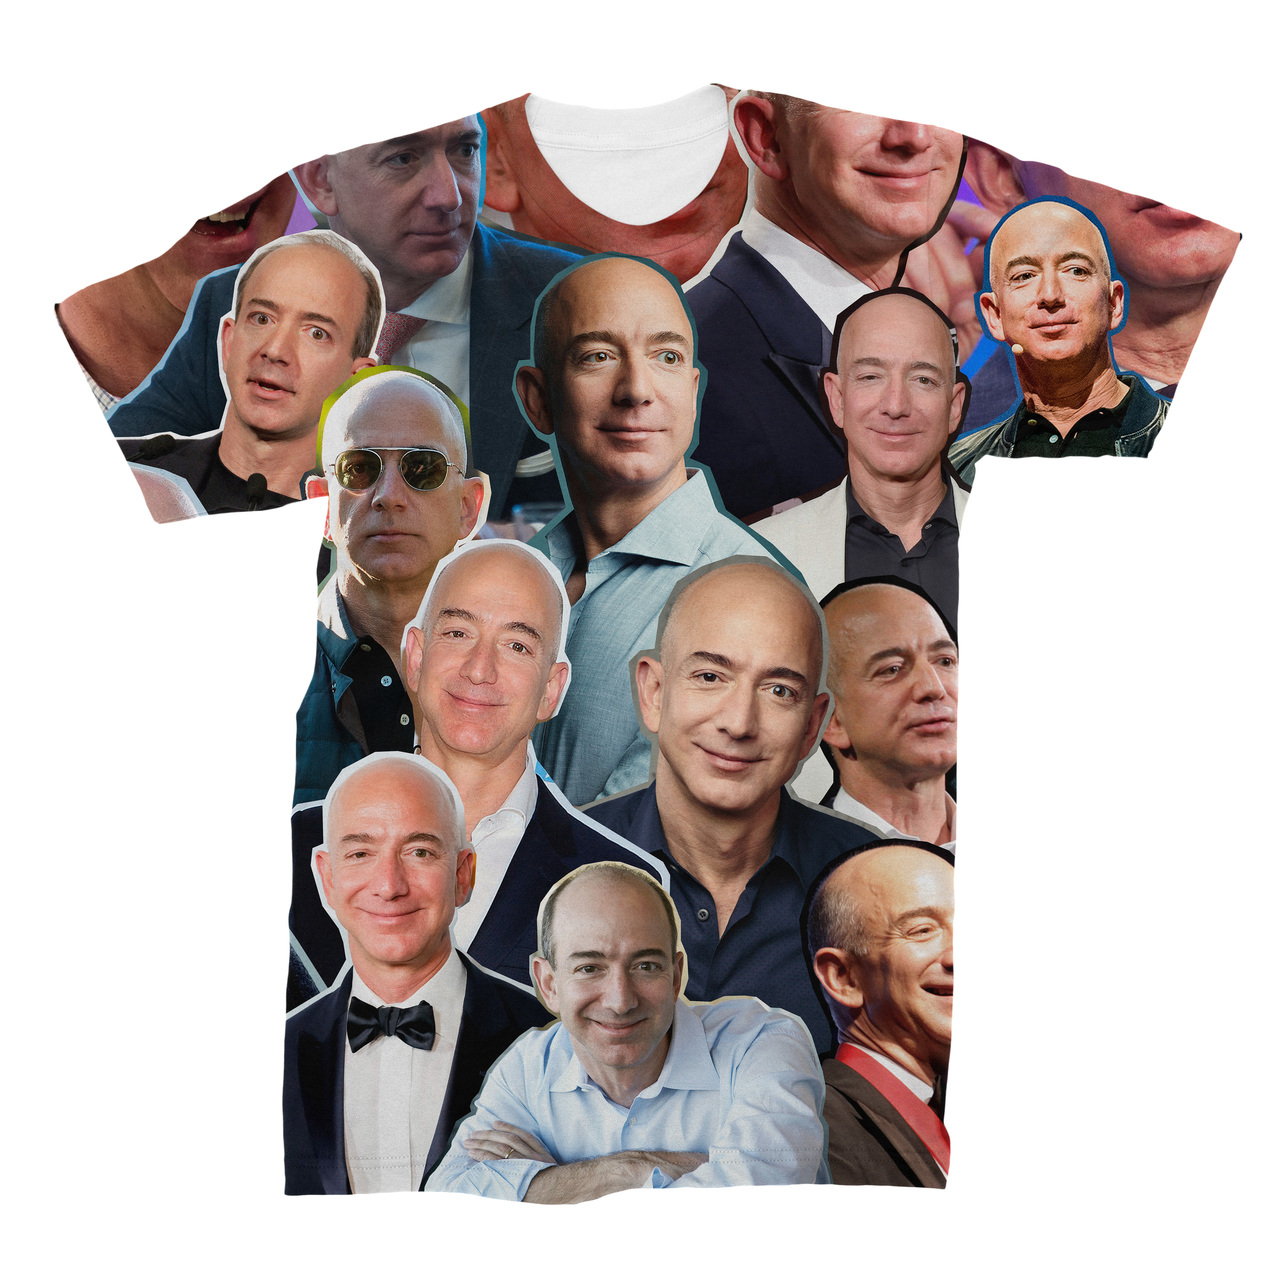 efc6de663700cd Jeff Bezos Photo Collage T-Shirt - Subliworks